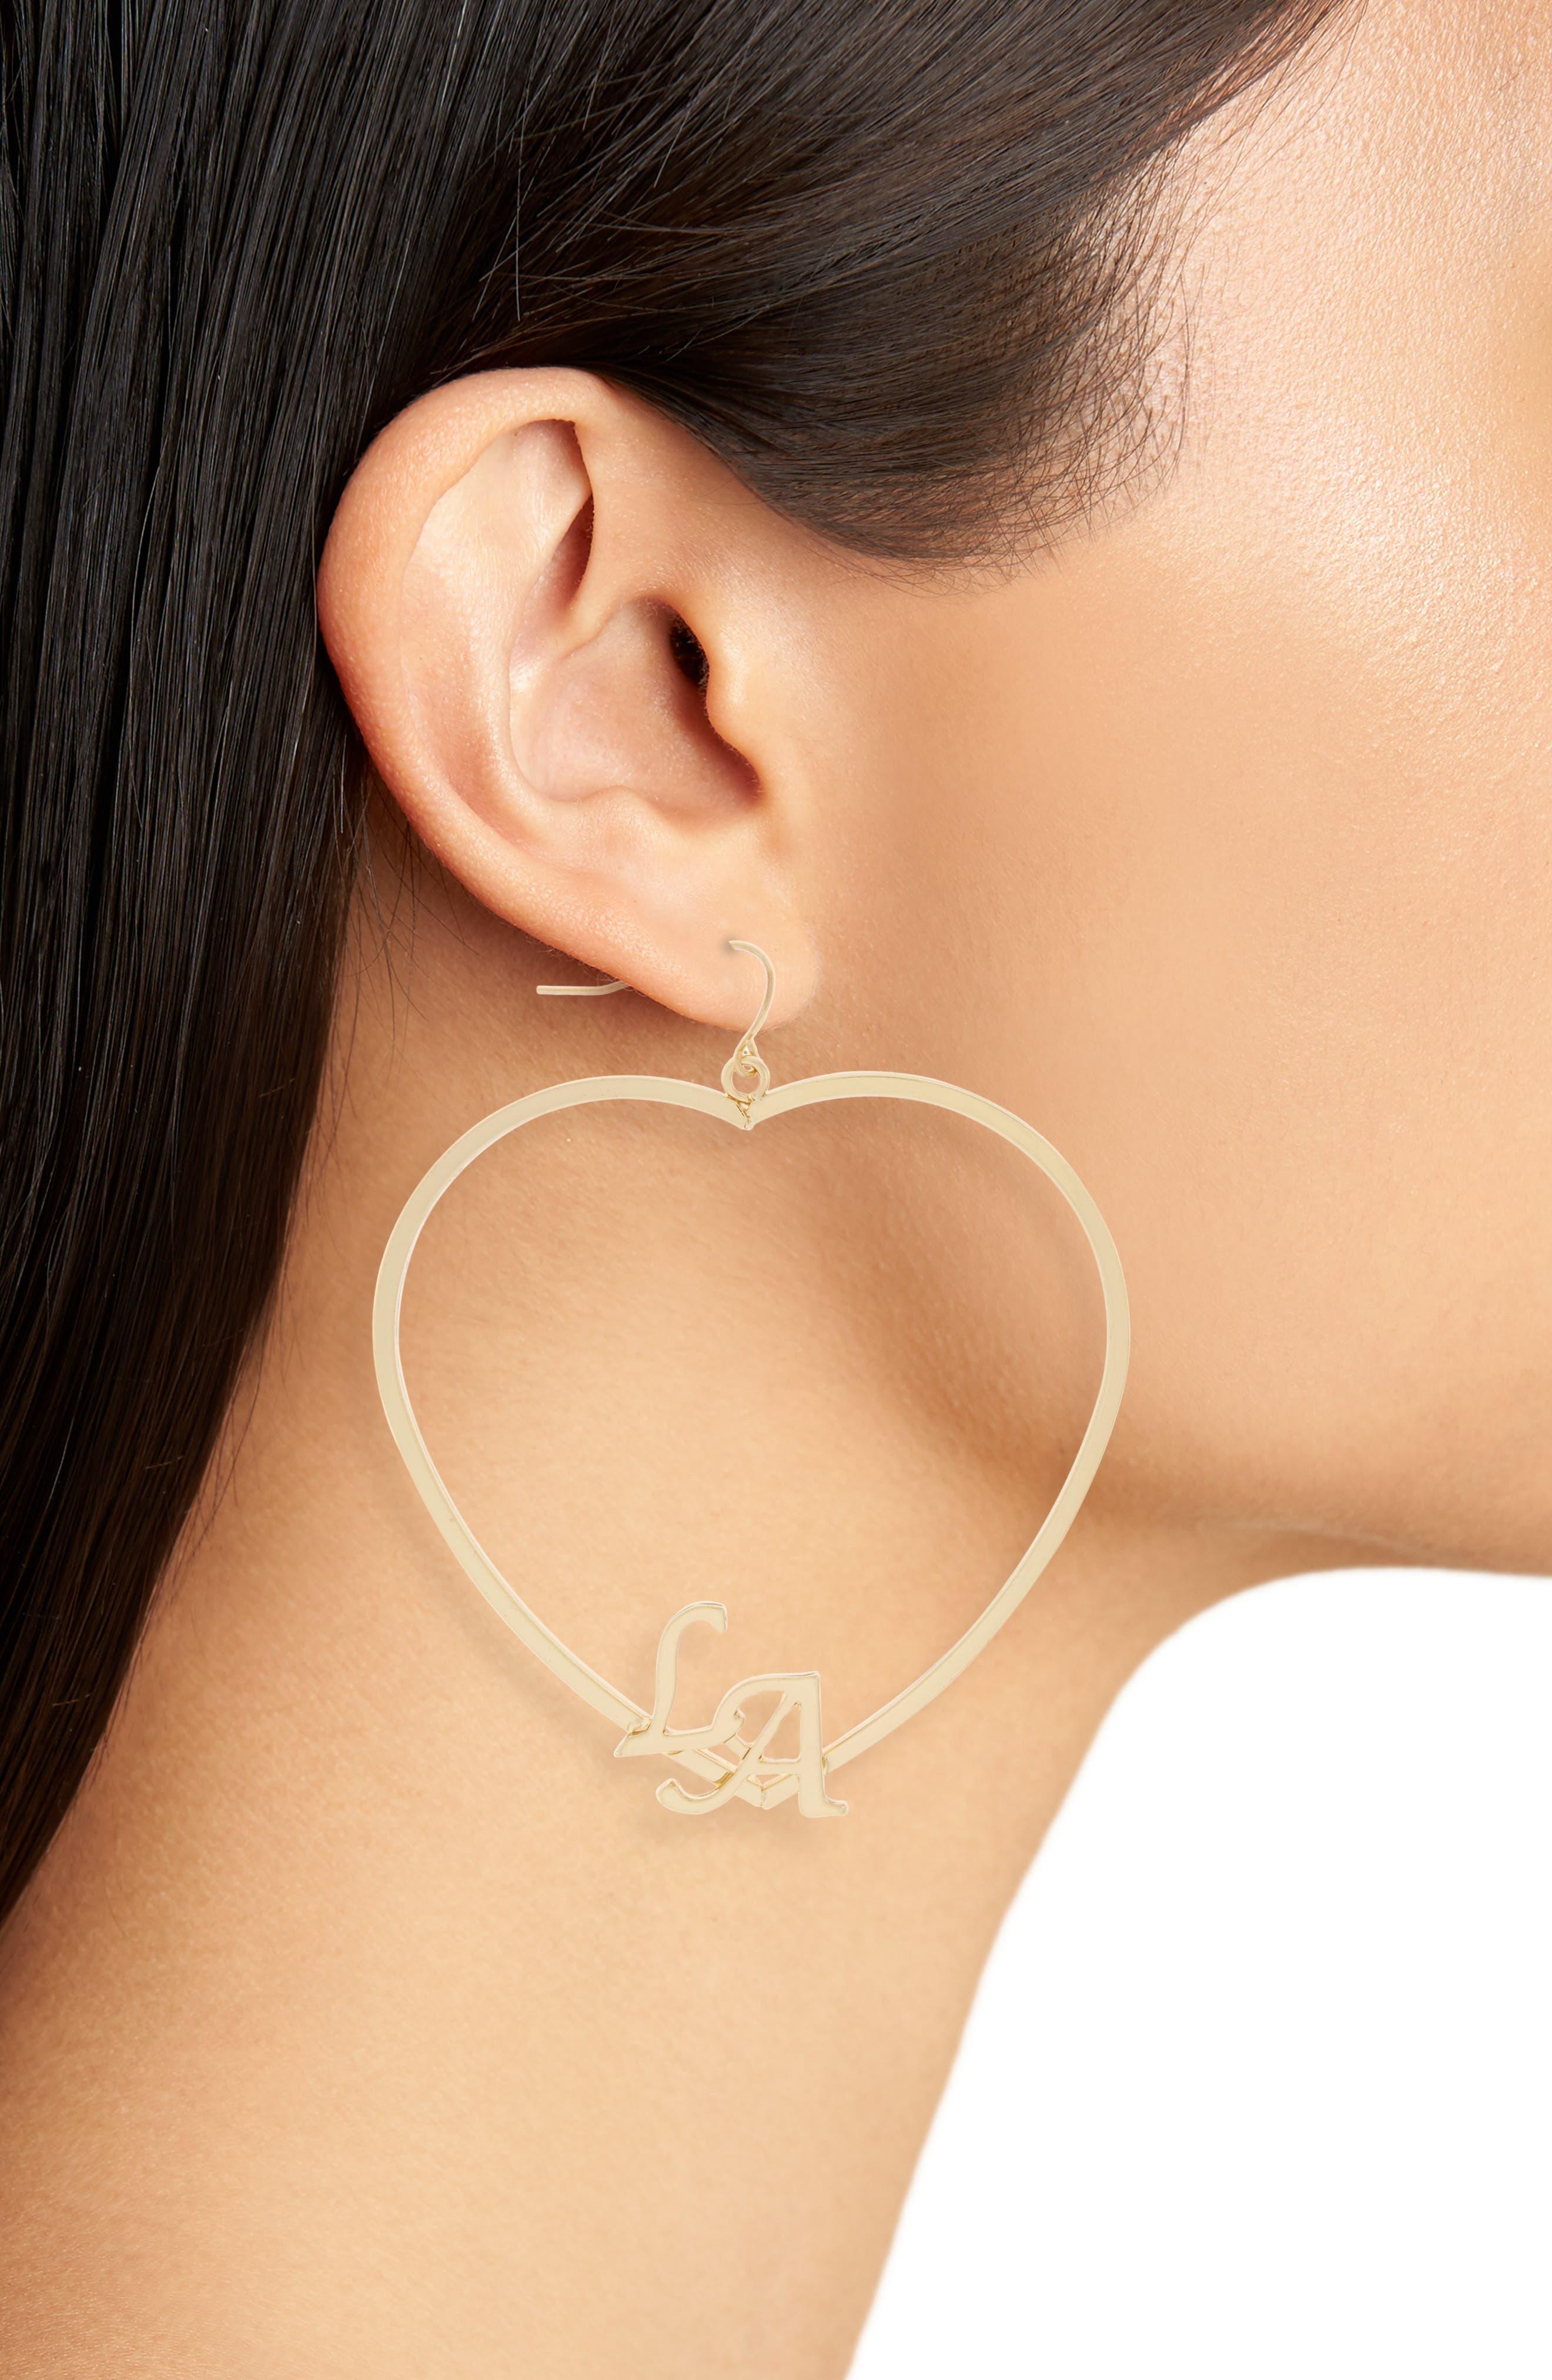 LA Heart Earrings,                             Alternate thumbnail 2, color,                             710